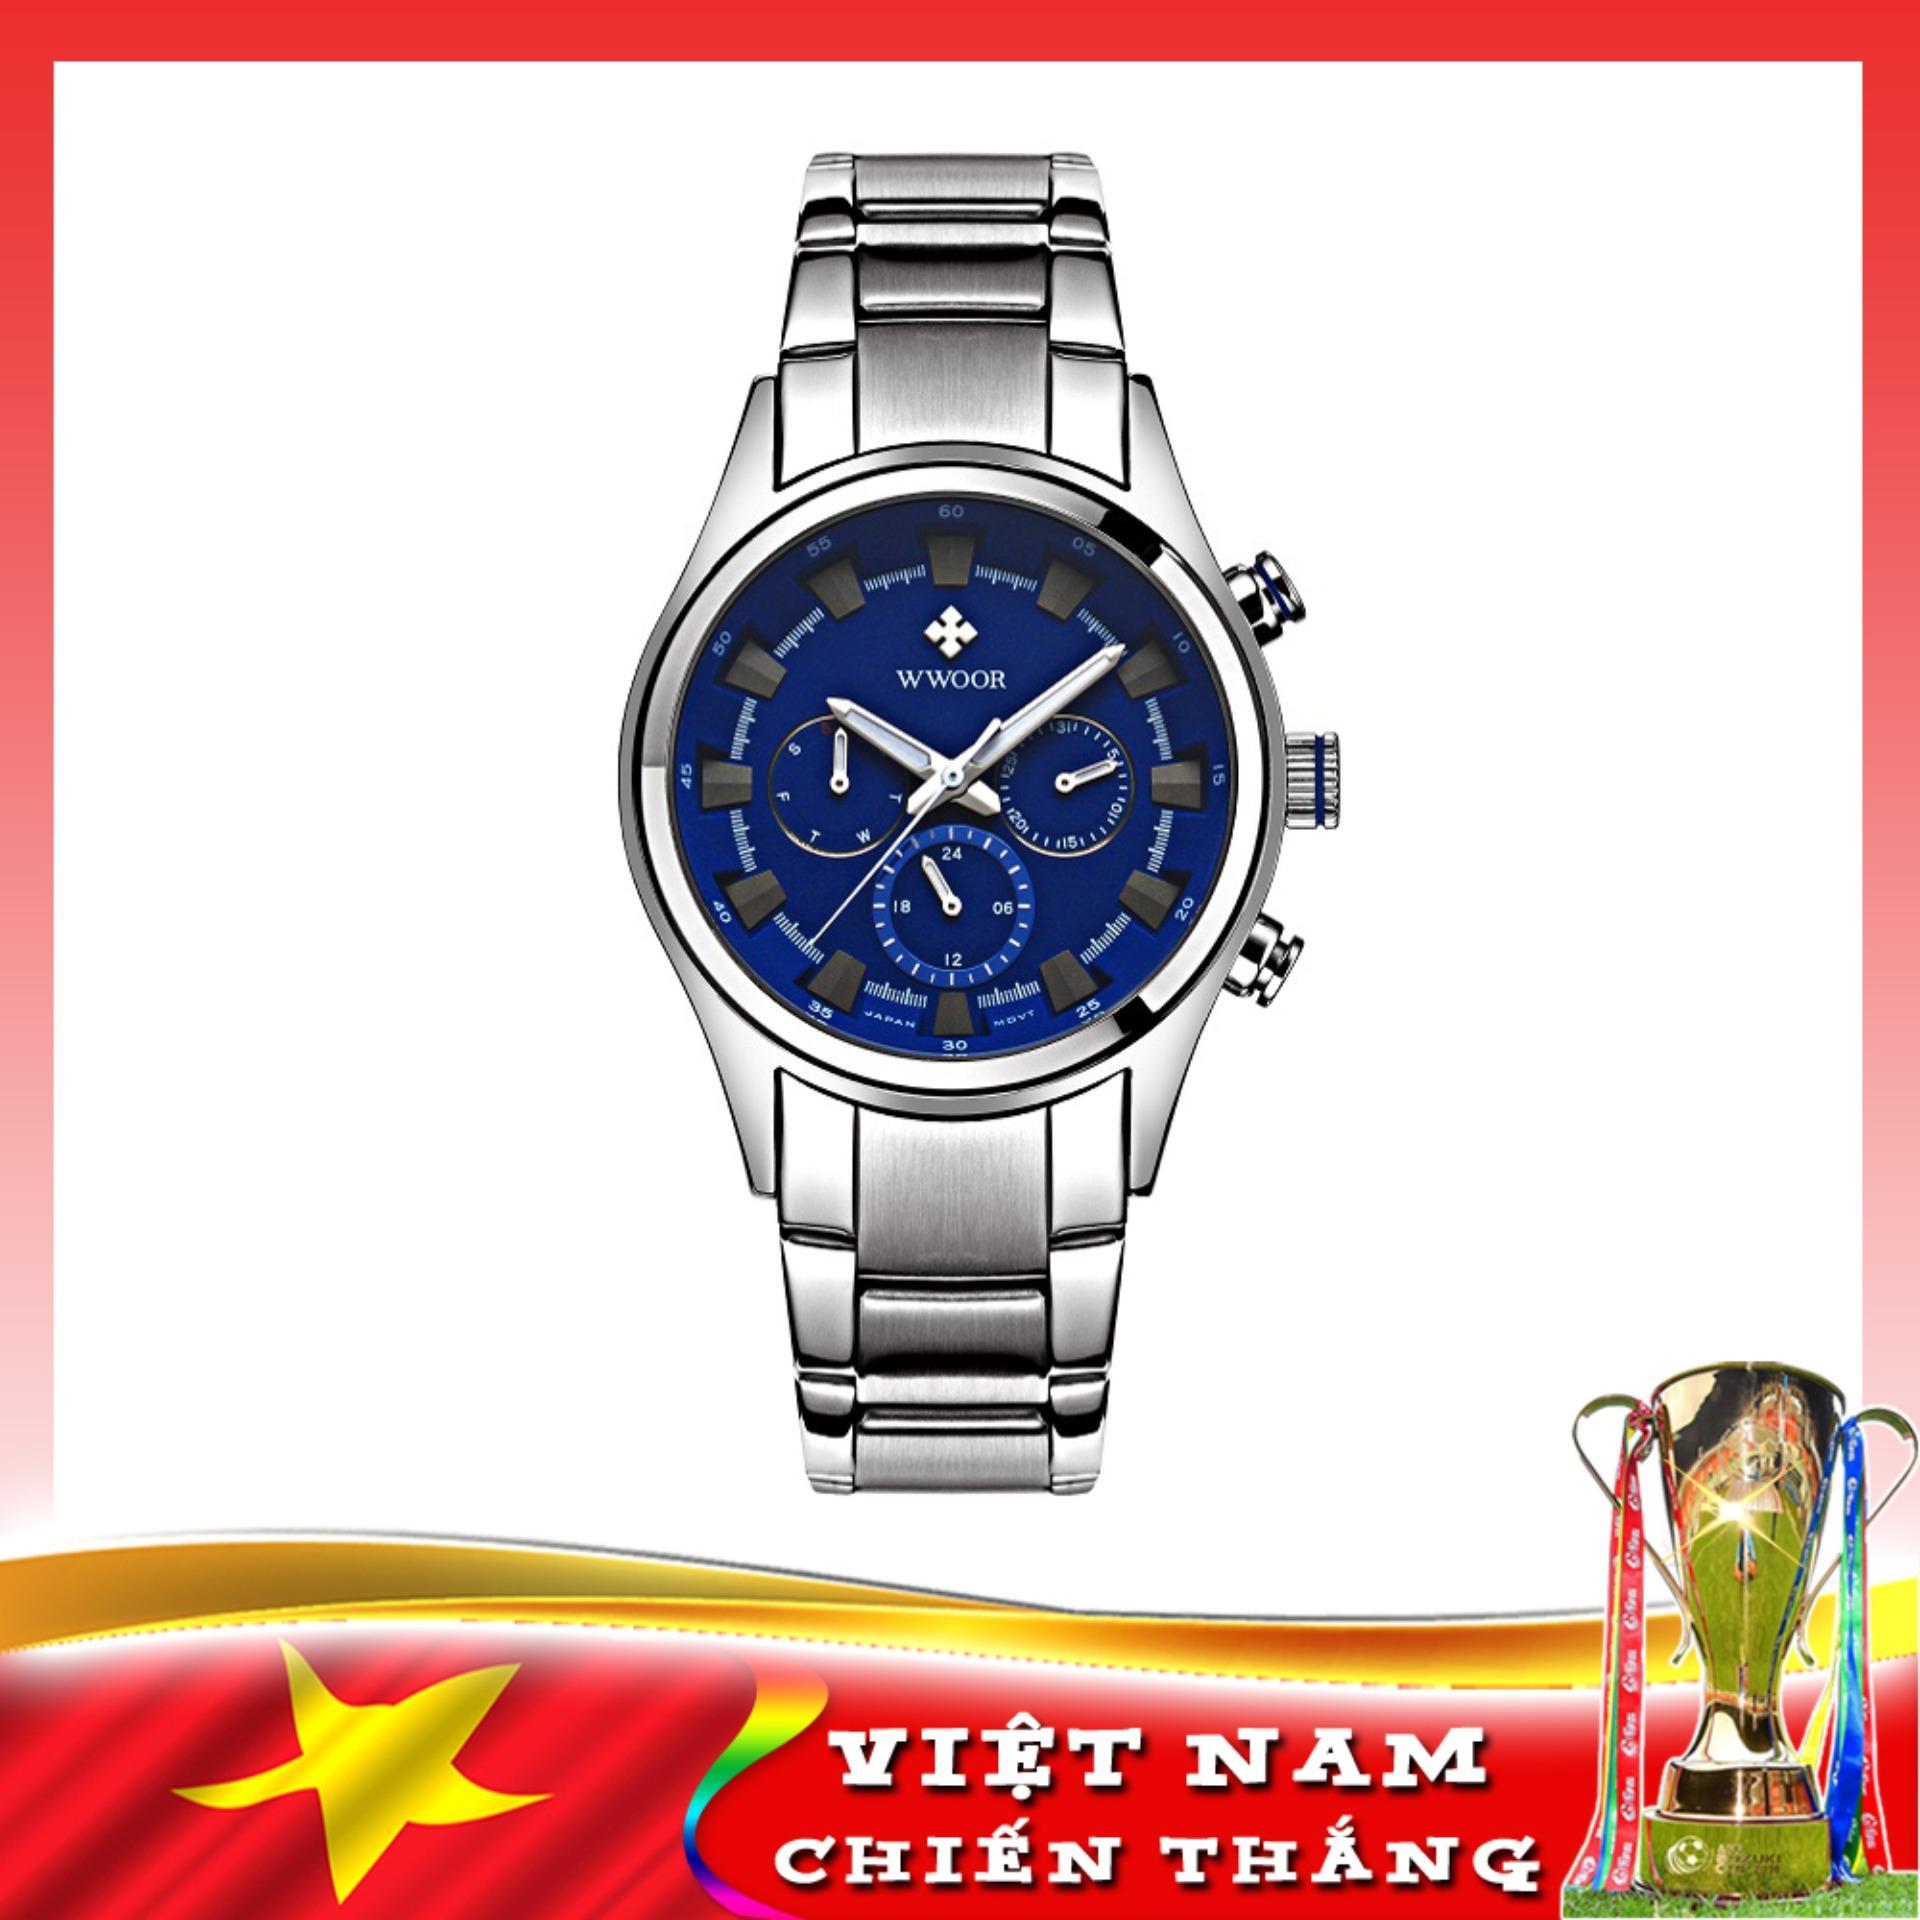 Nơi bán Đồng hồ nam nhiều kim, thời trang sang trọng WWOOR 8815, tặng Pin SONY 626 Japan